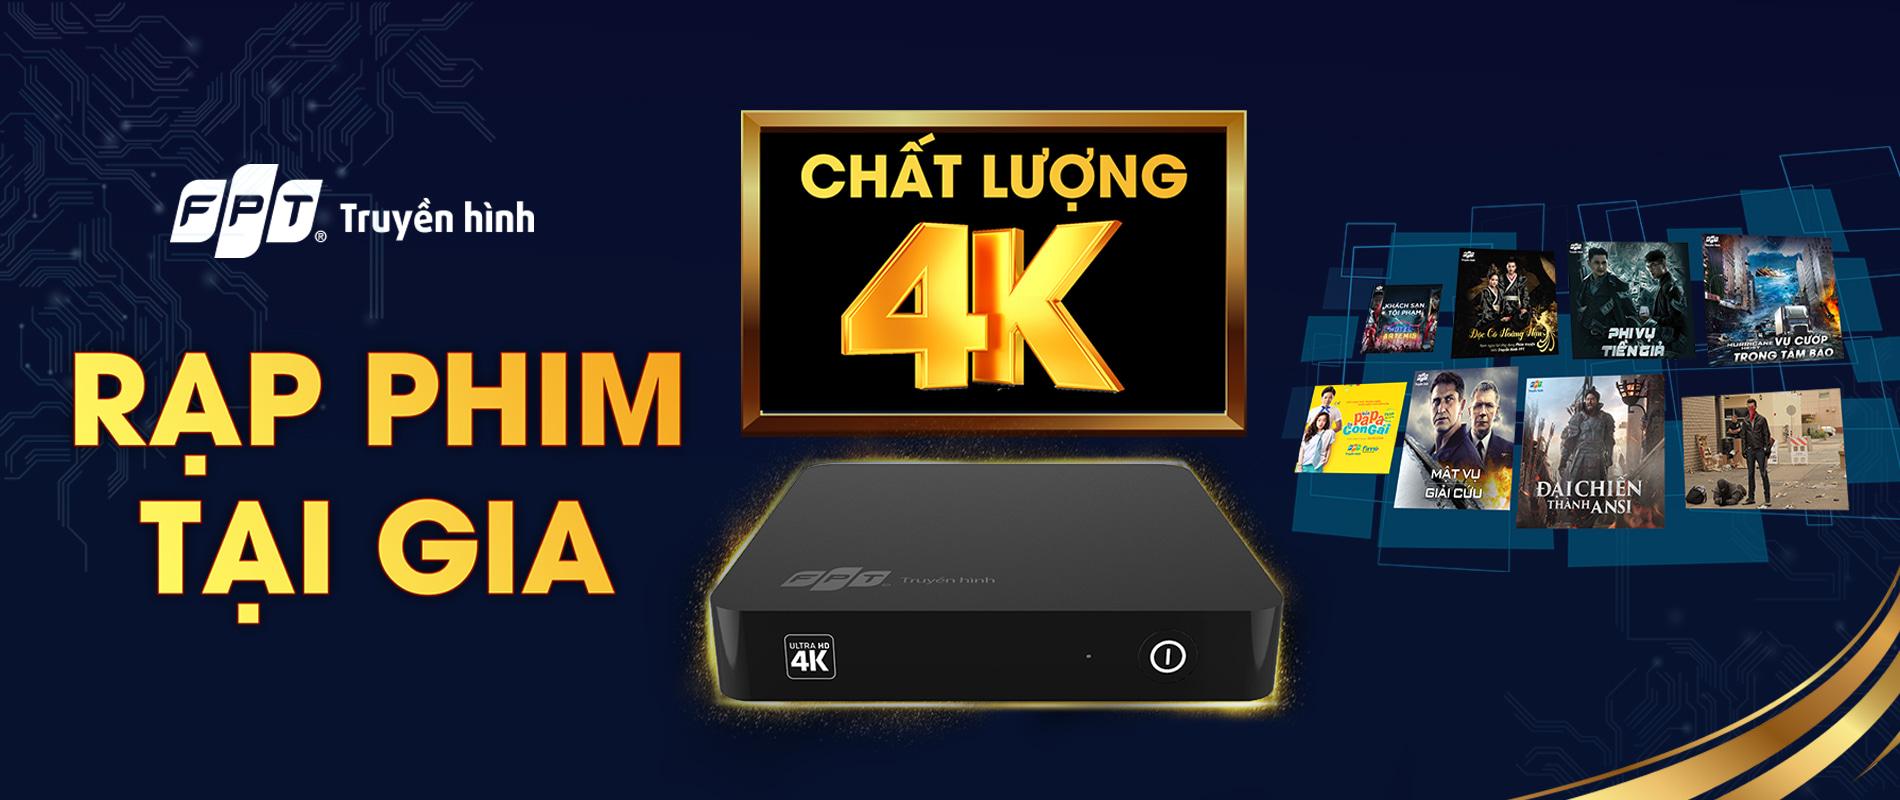 Truyền hình 4K FPT , thông minh tiên tiến , chất lượng tuyệt hảo